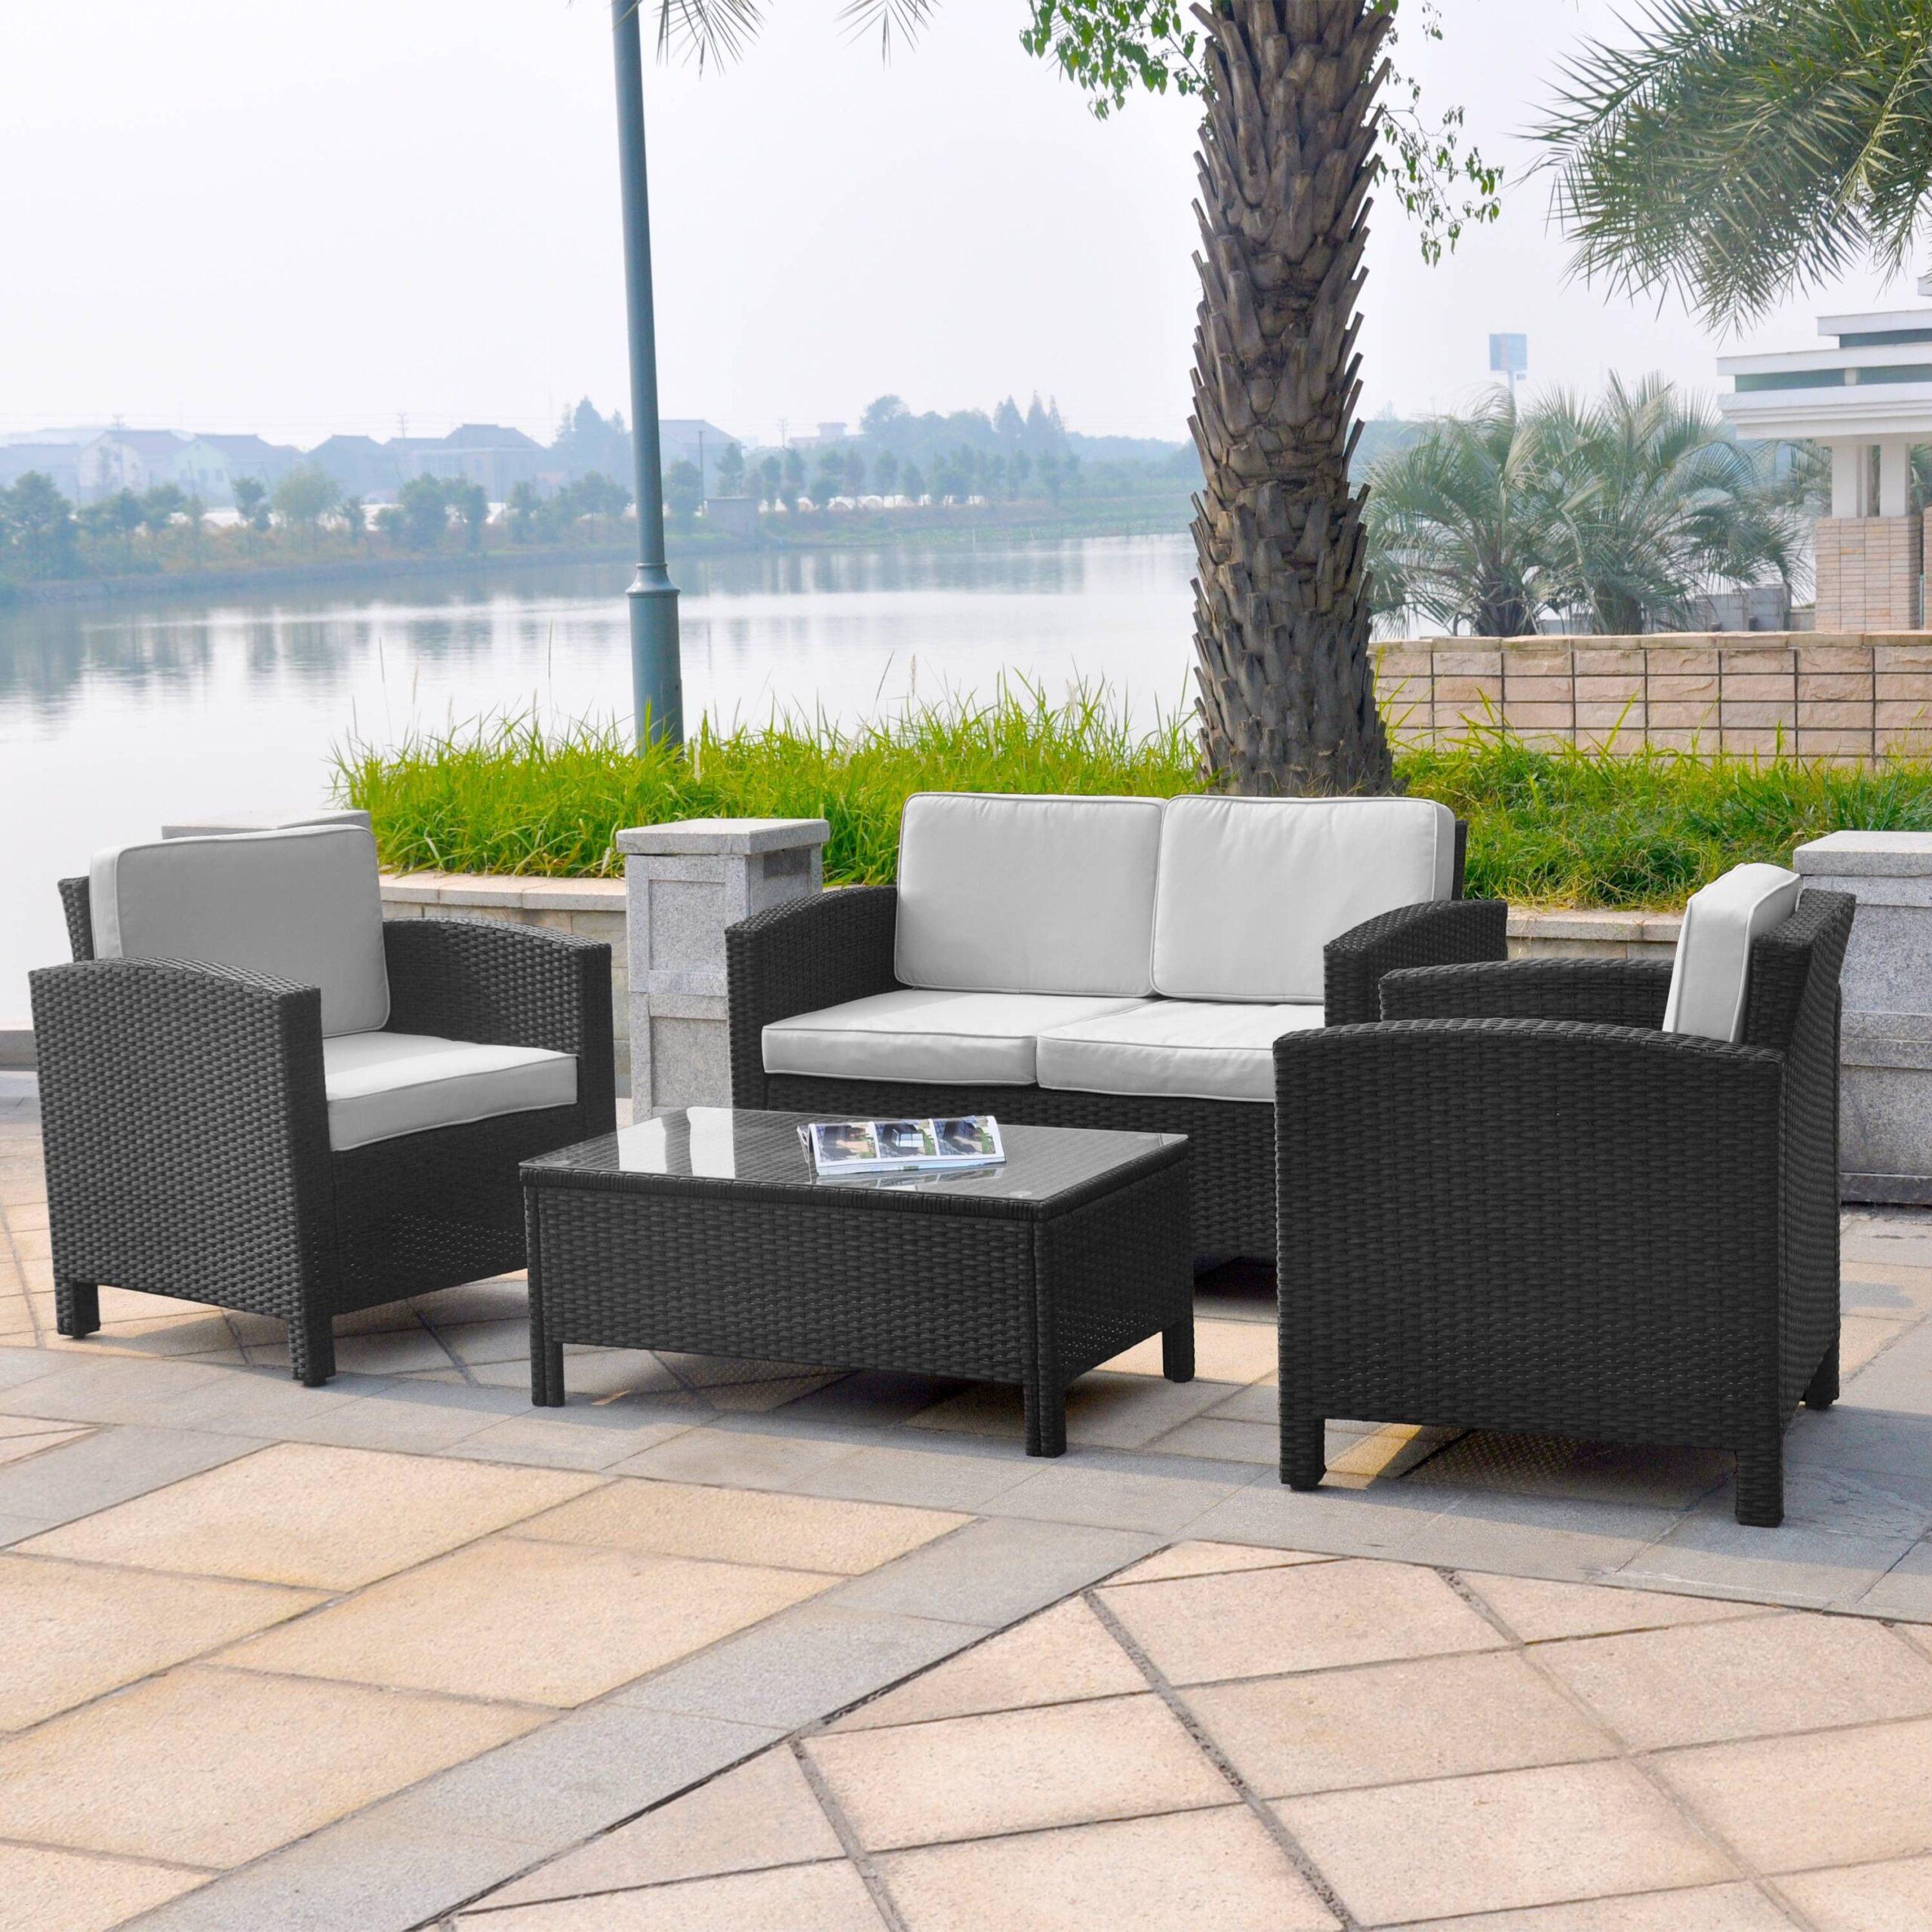 Full Size of Couch Terrasse Sthle Und Tische Fr Gastronomie Tisch Balkon Luxus Wohnzimmer Couch Terrasse